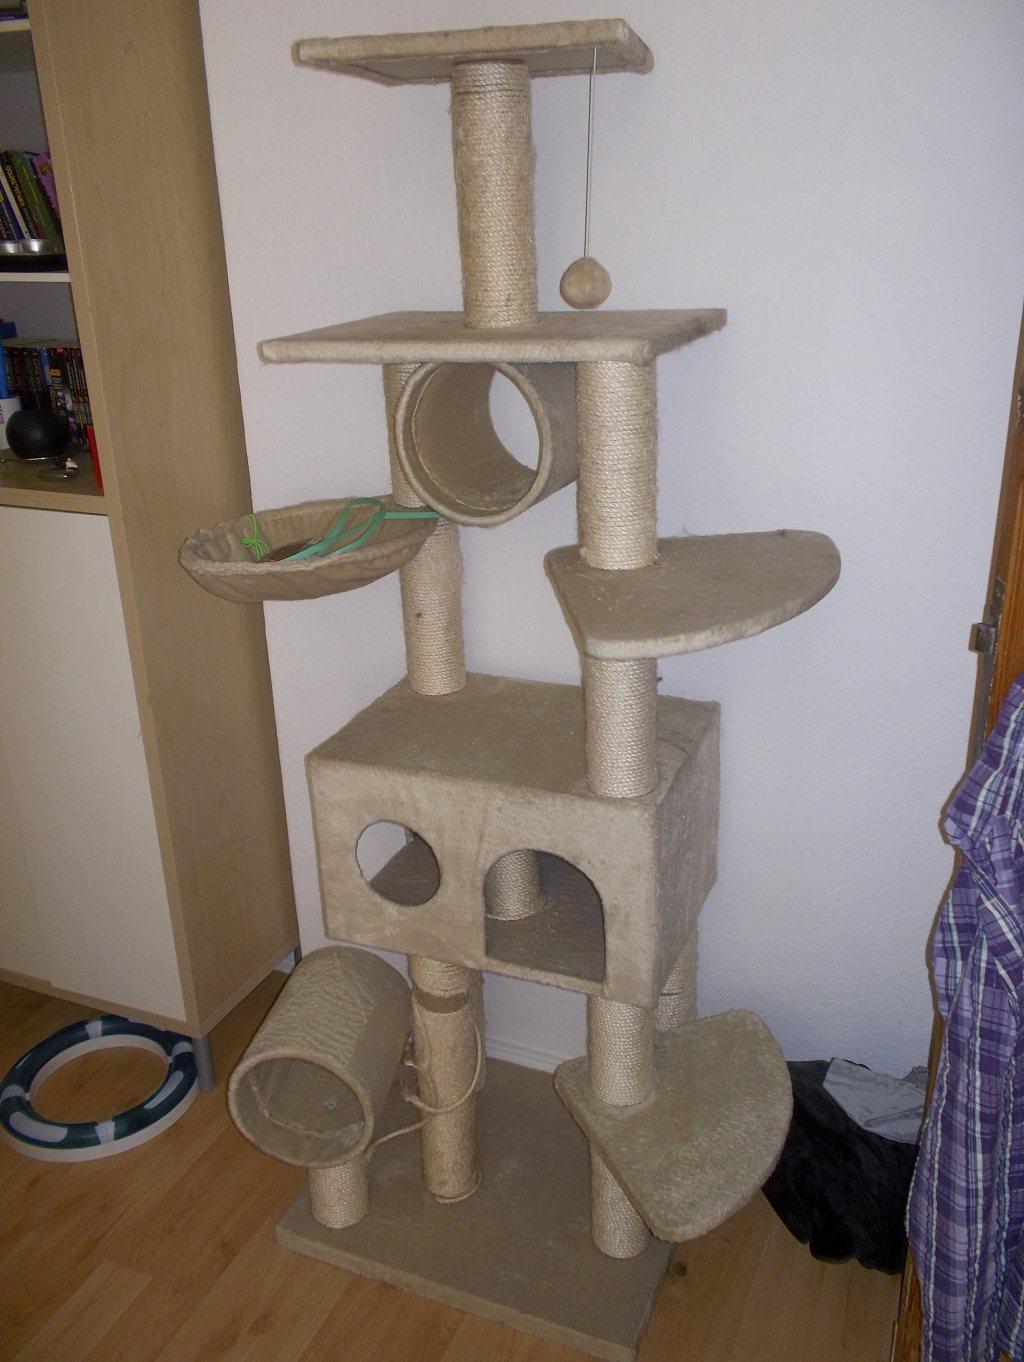 katzenbesitzer aufgepasst verlost kratzbaum freie wahl oder 149 amazon. Black Bedroom Furniture Sets. Home Design Ideas